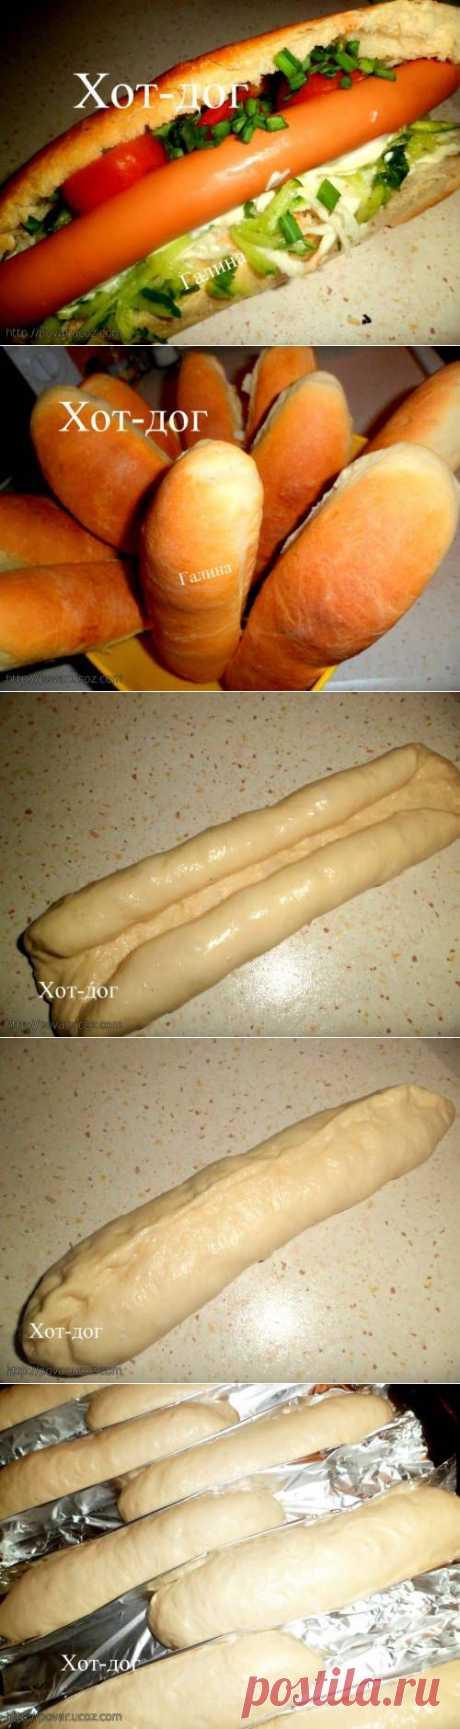 Булочки для хот догов - Готовим сами